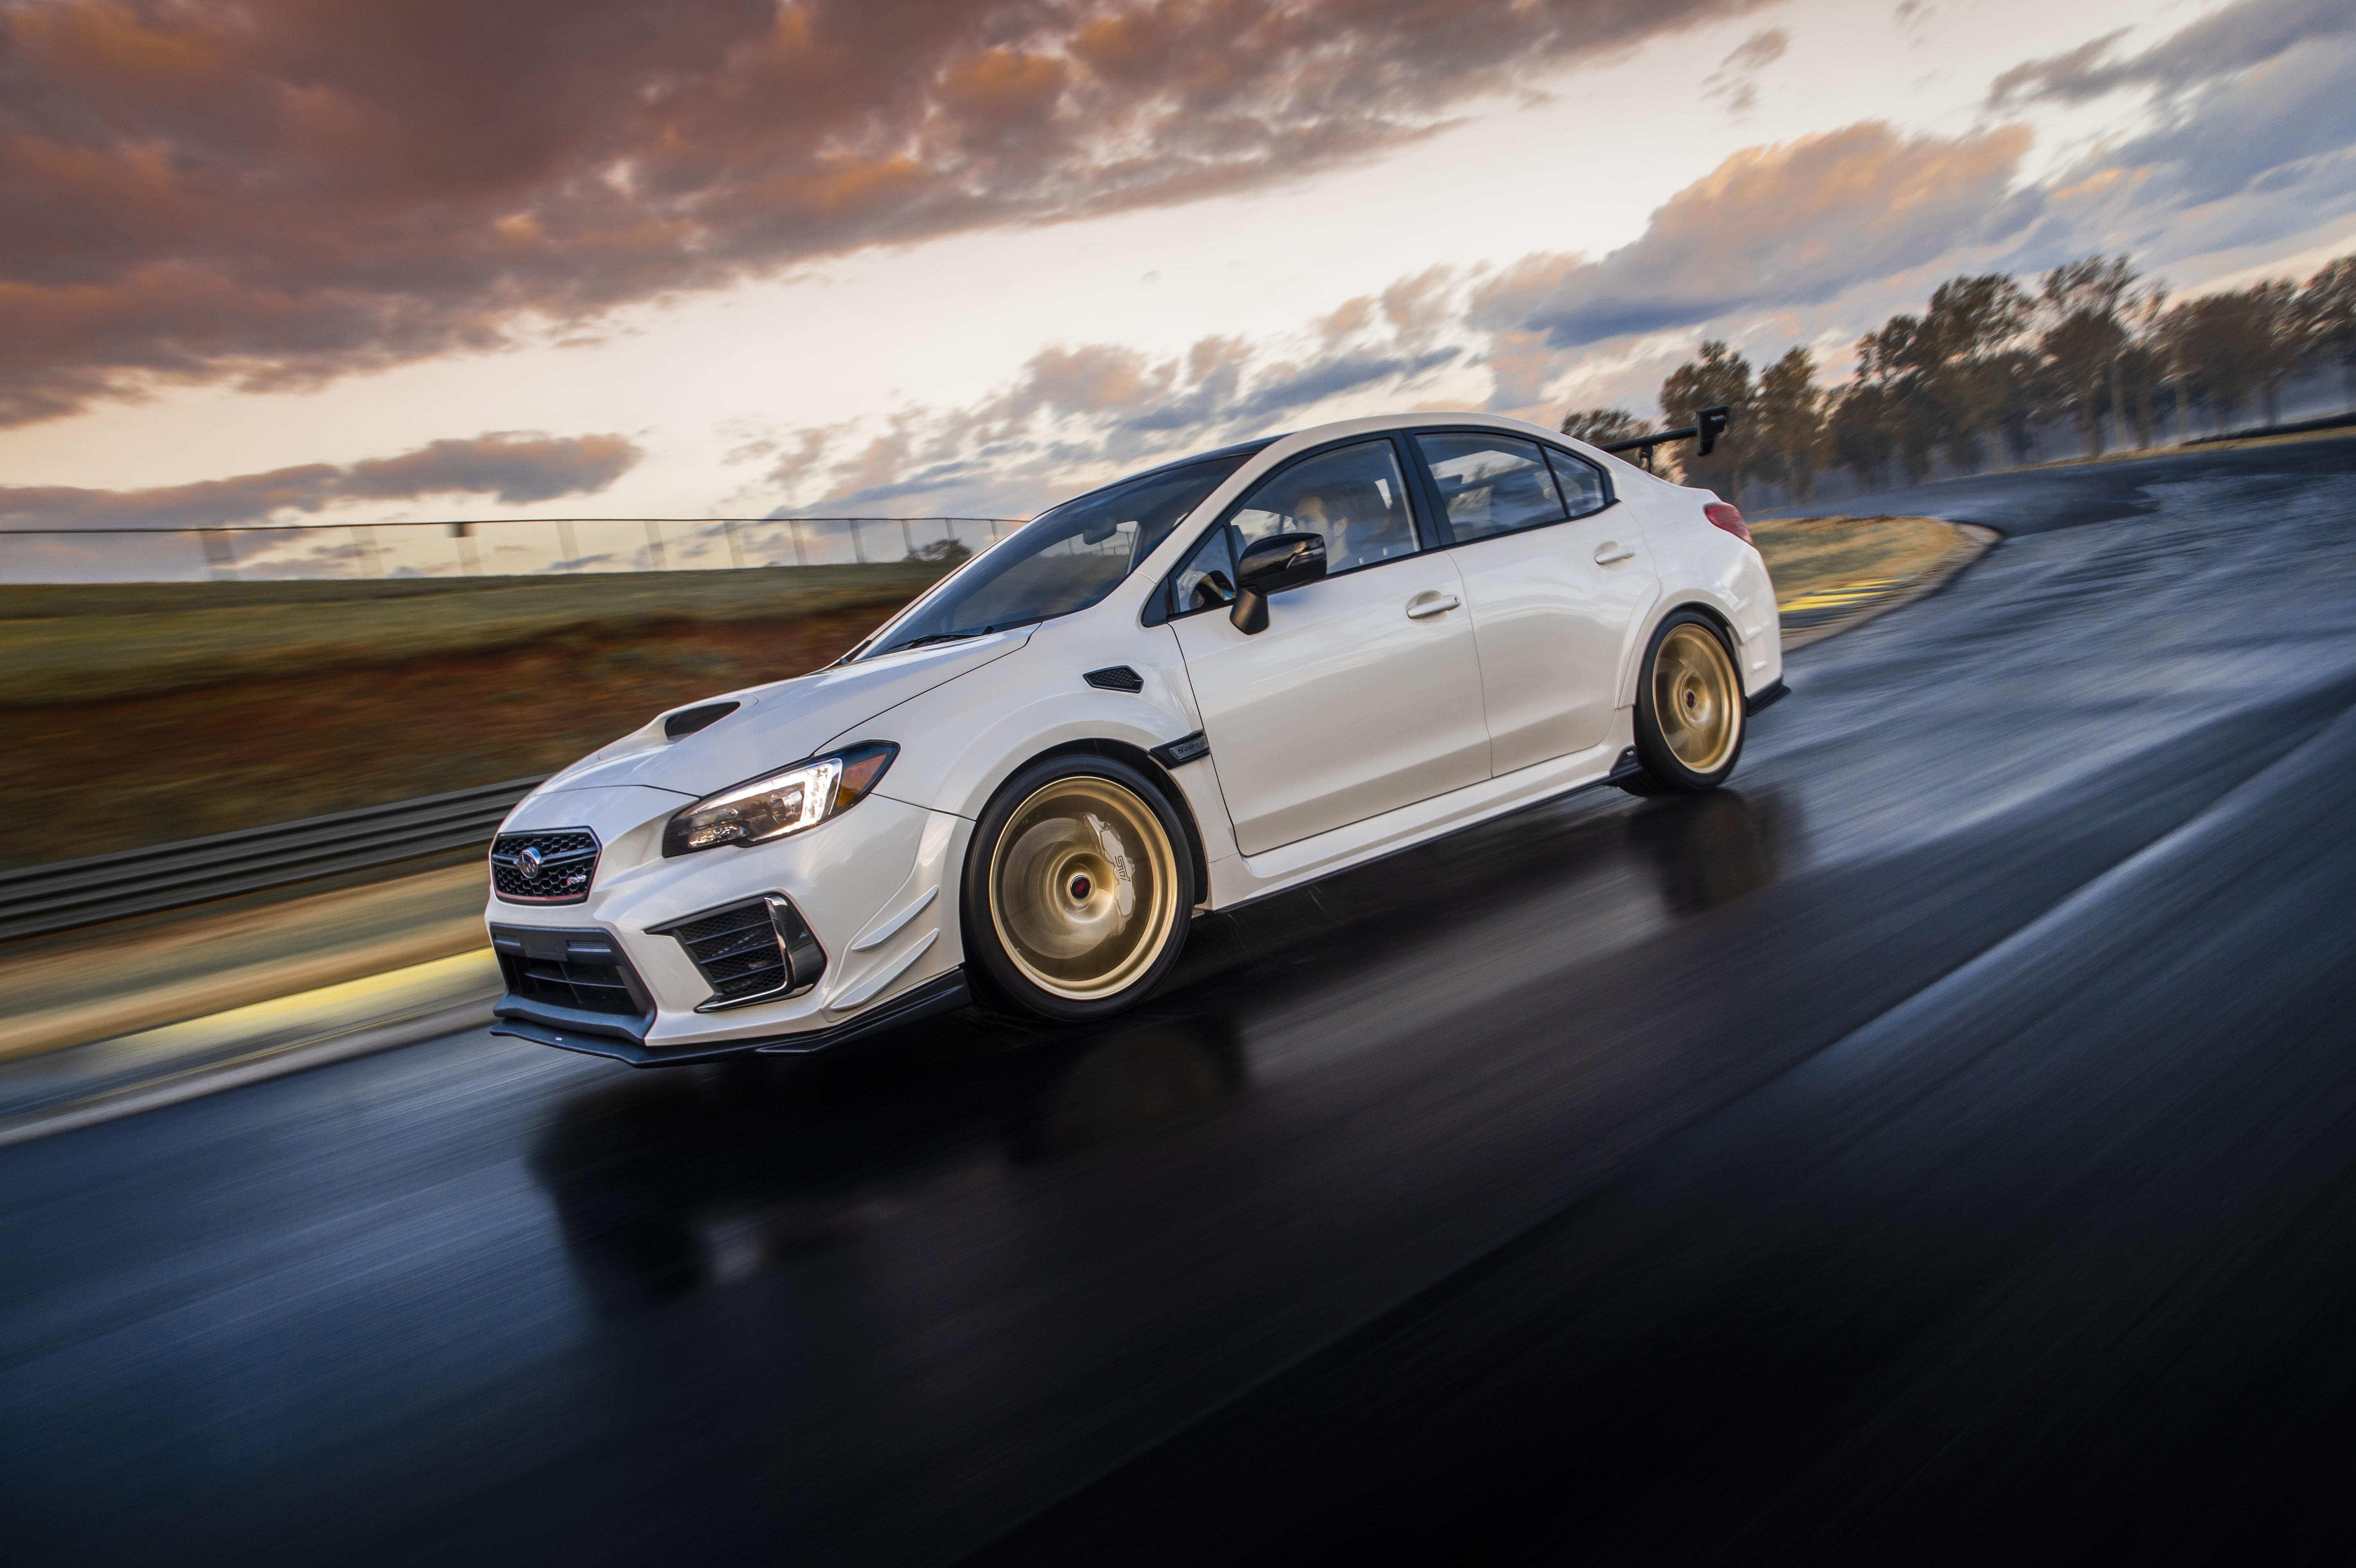 2020 Subaru Wrx Sti S209 341 Hp Race Ready Upgrades And